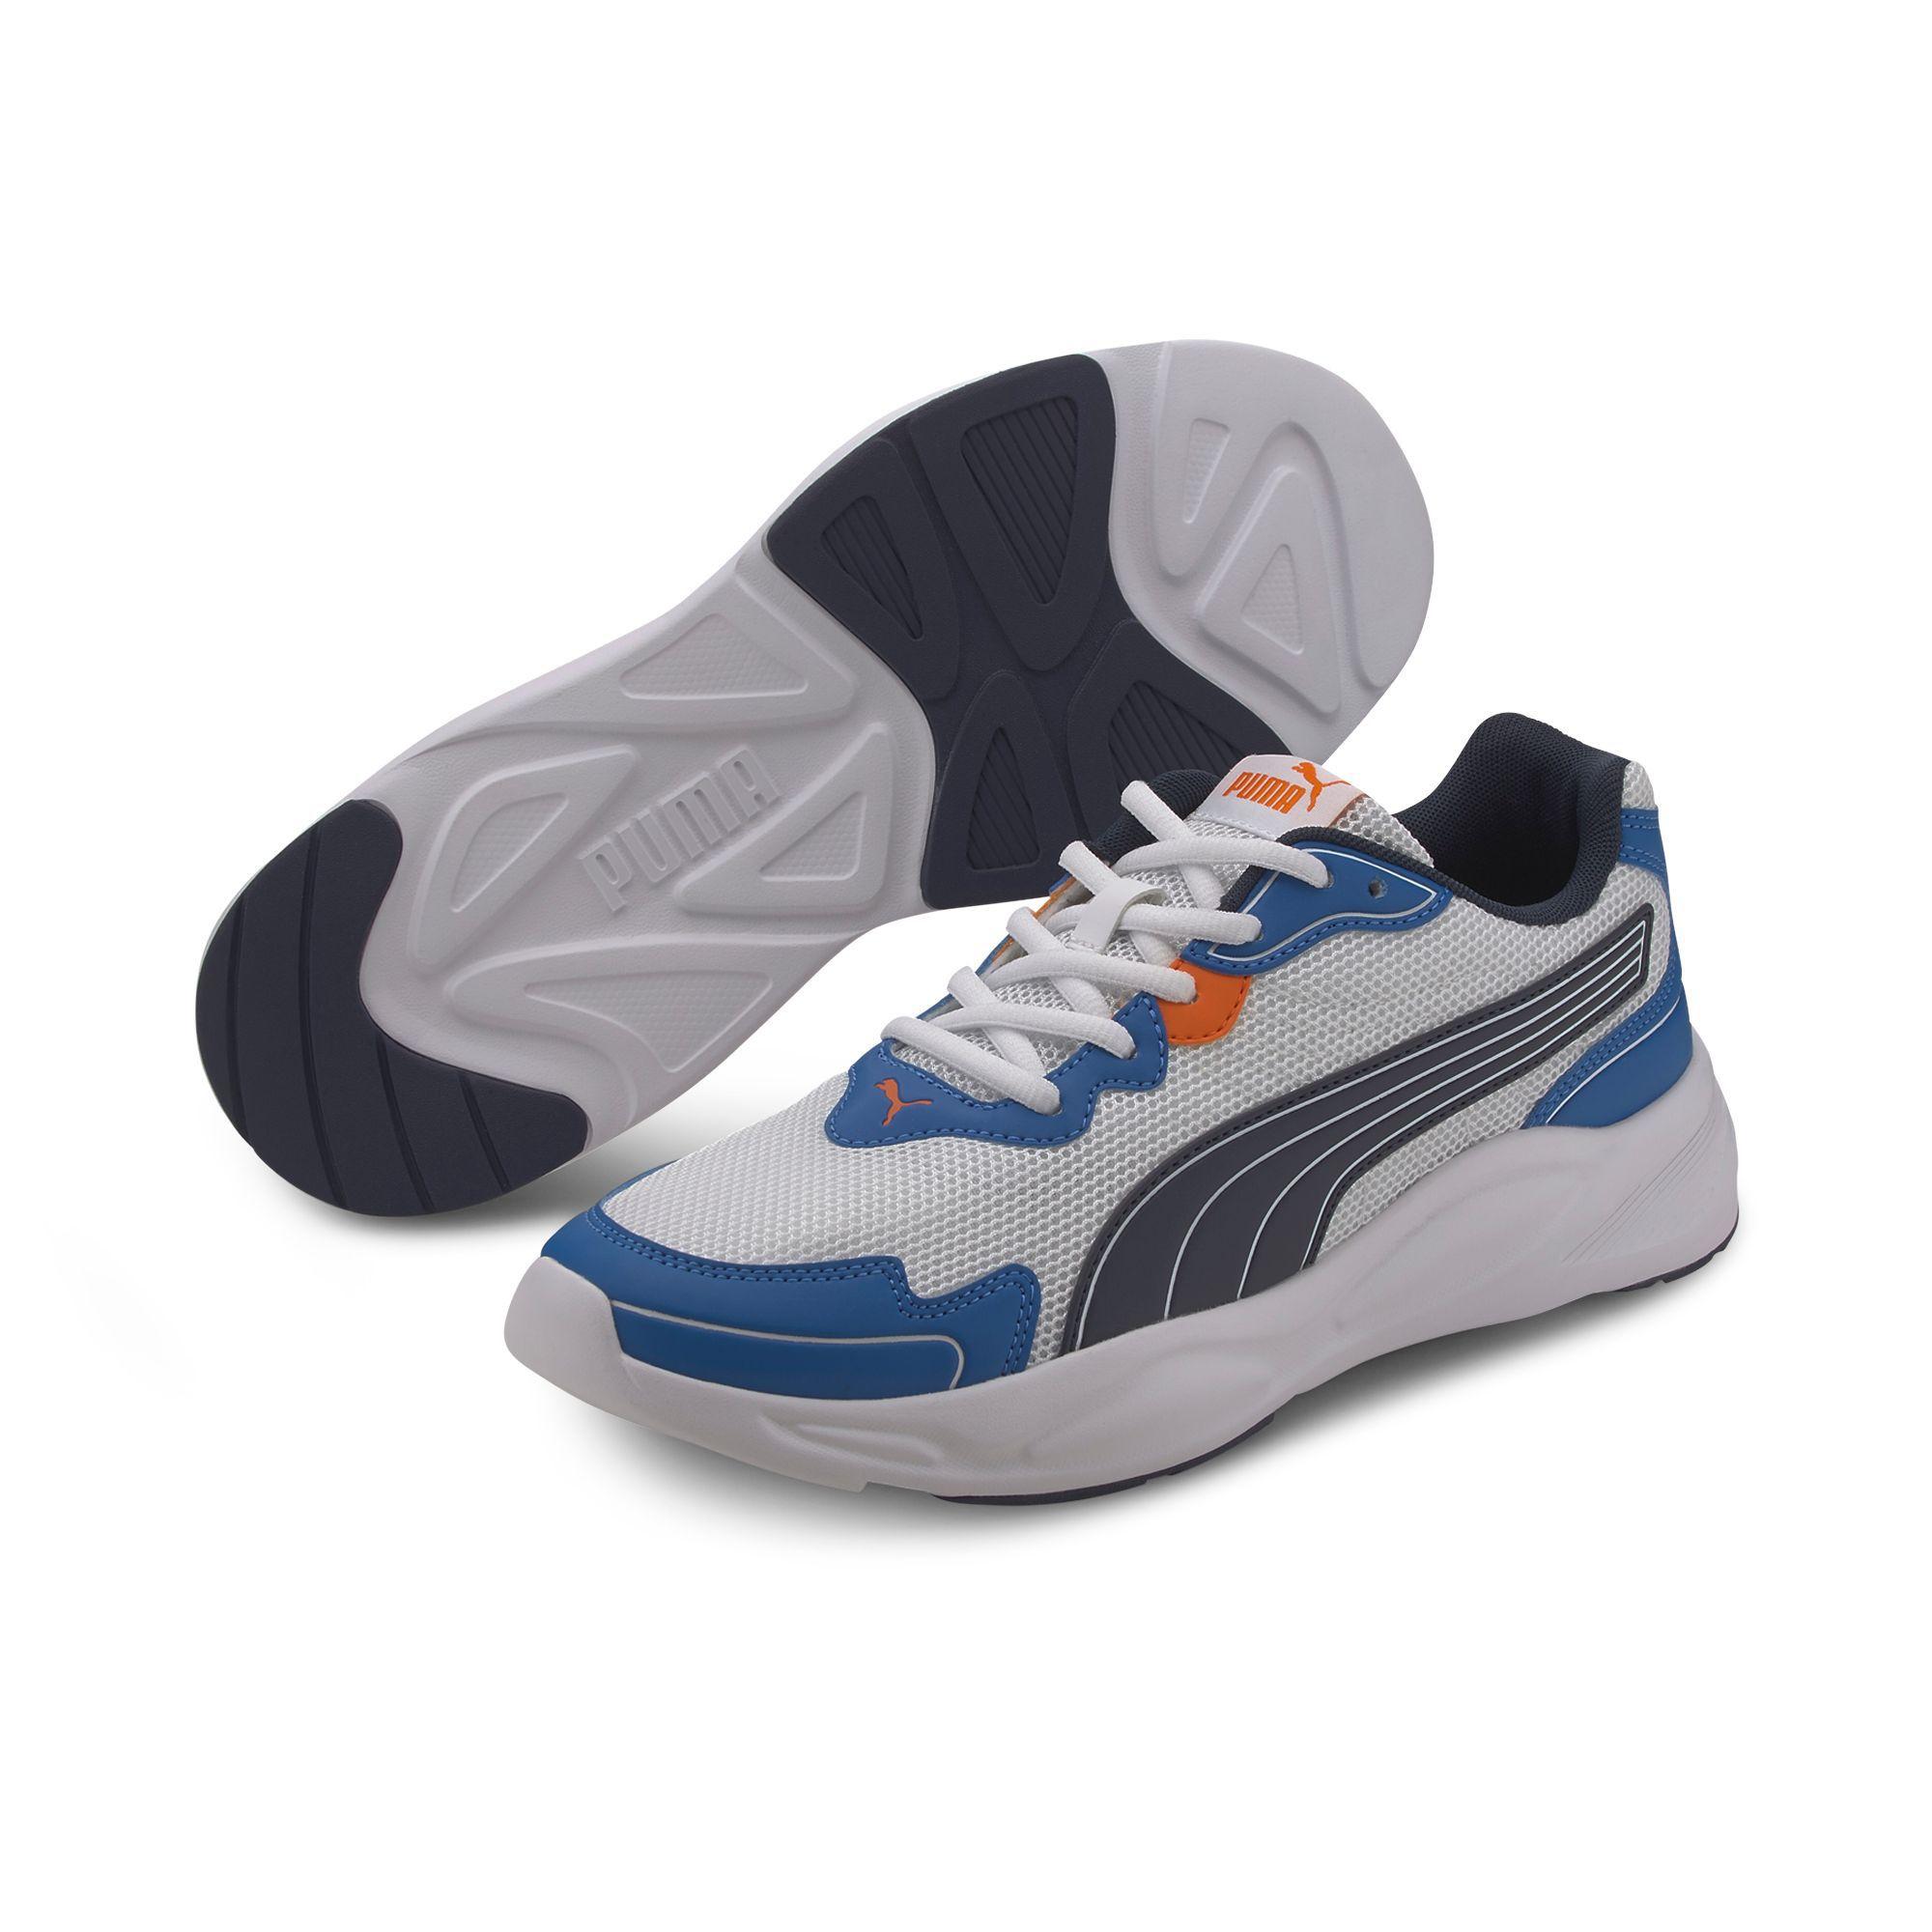 Baskets Puma pour Hommes - Tailles : 40 à 46